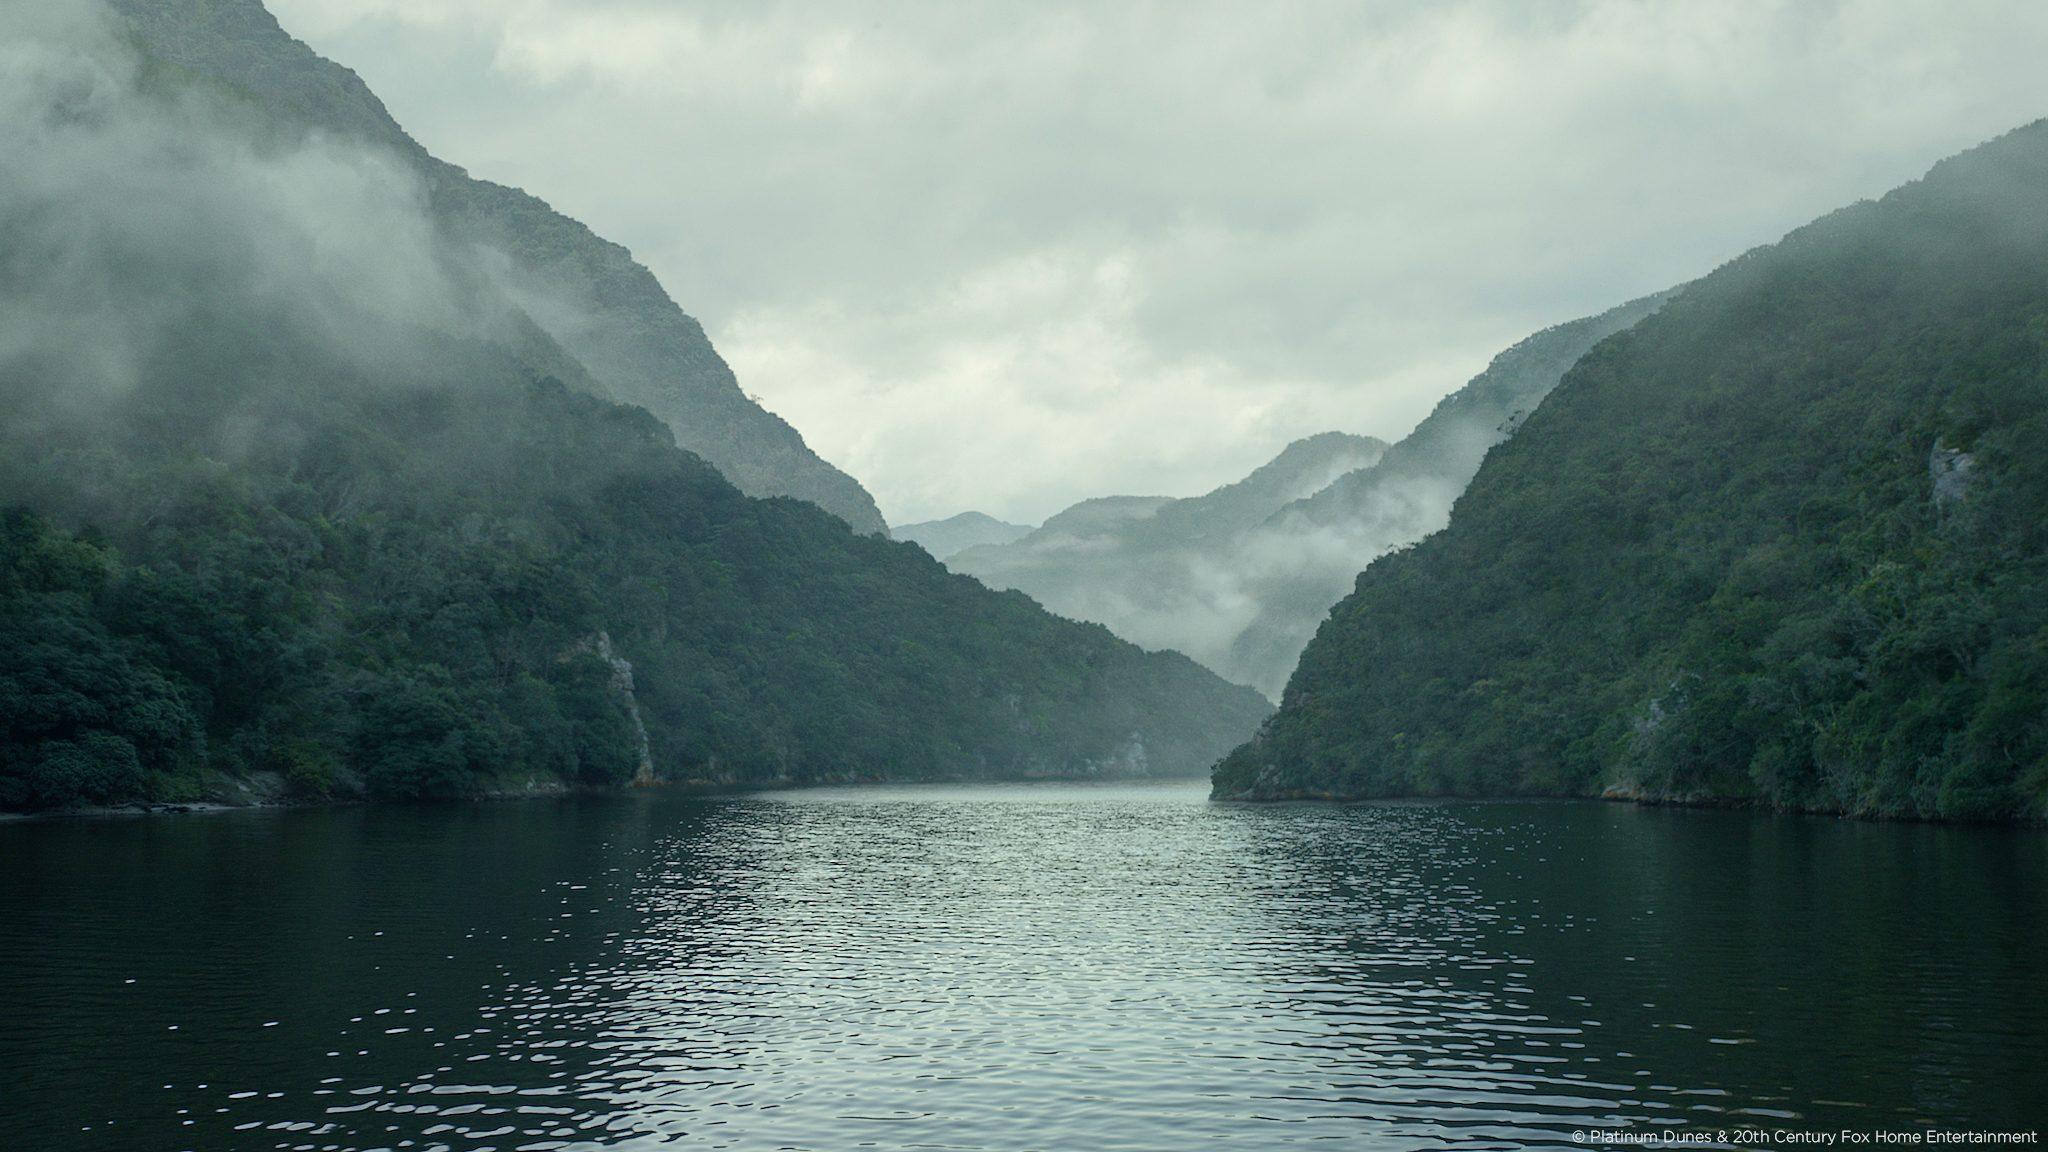 black-sails-mountain-ocean